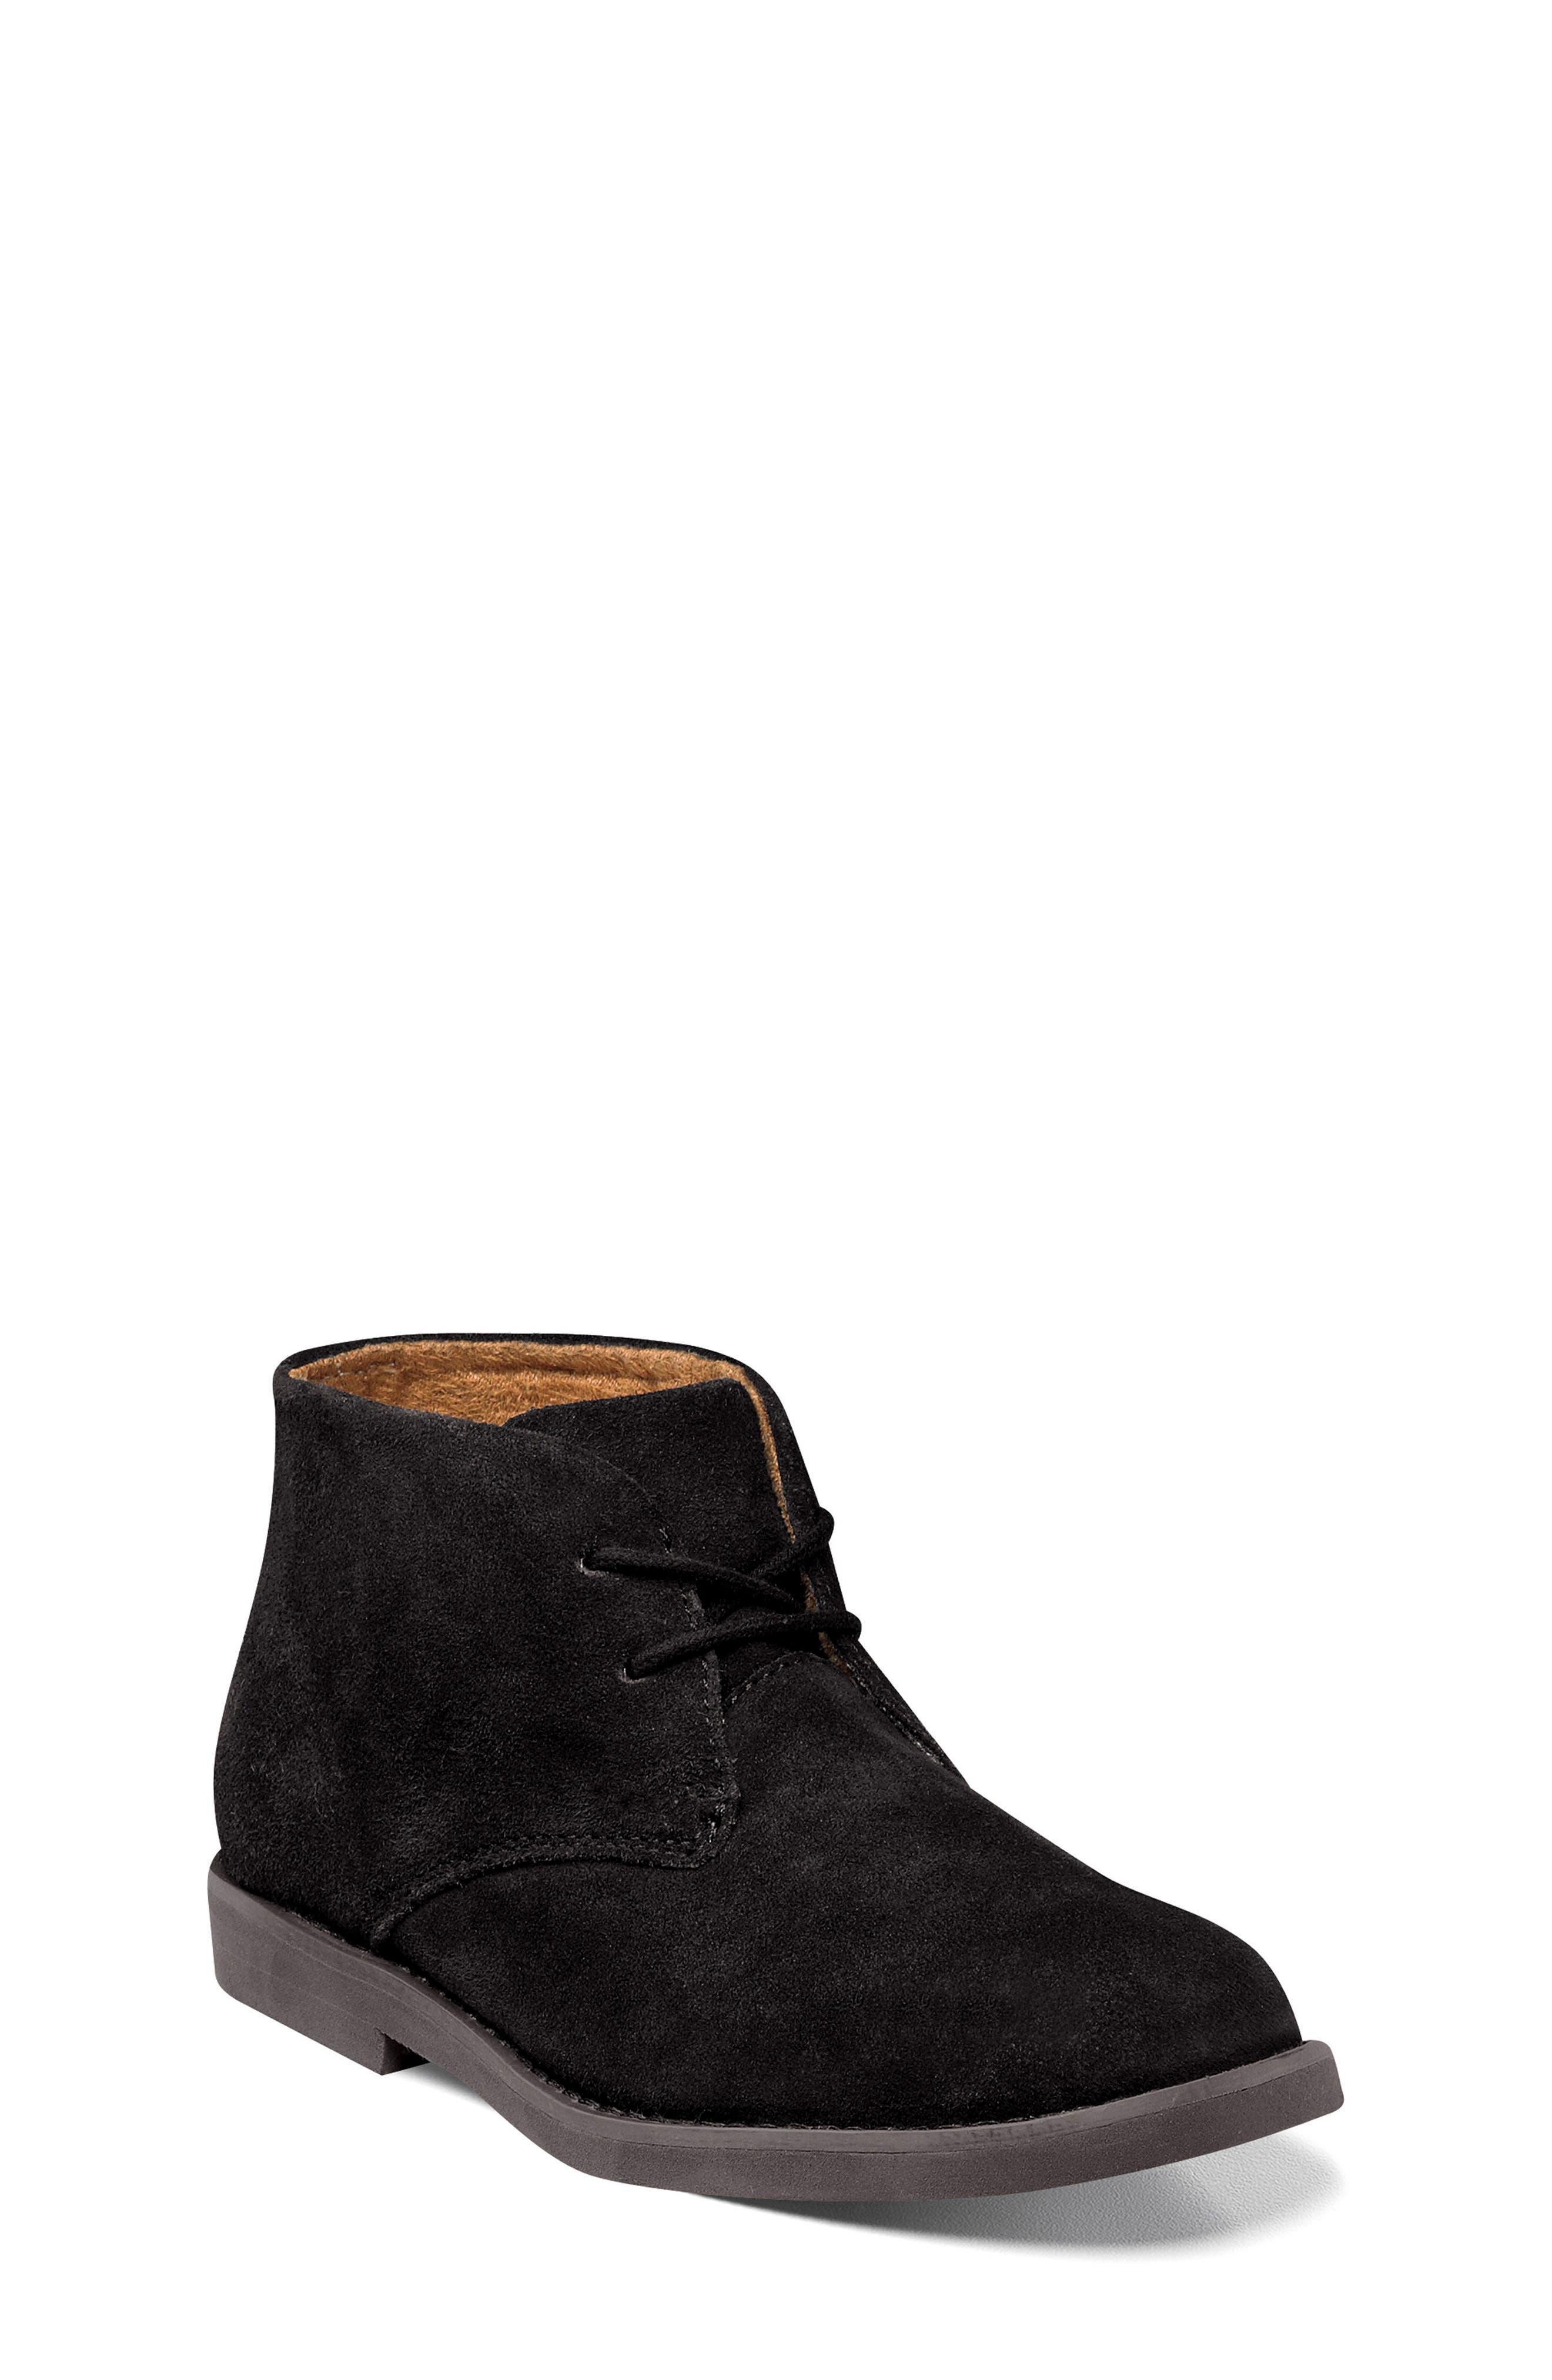 FLORSHEIM 'Quinlan' Chukka Boot, Main, color, 001